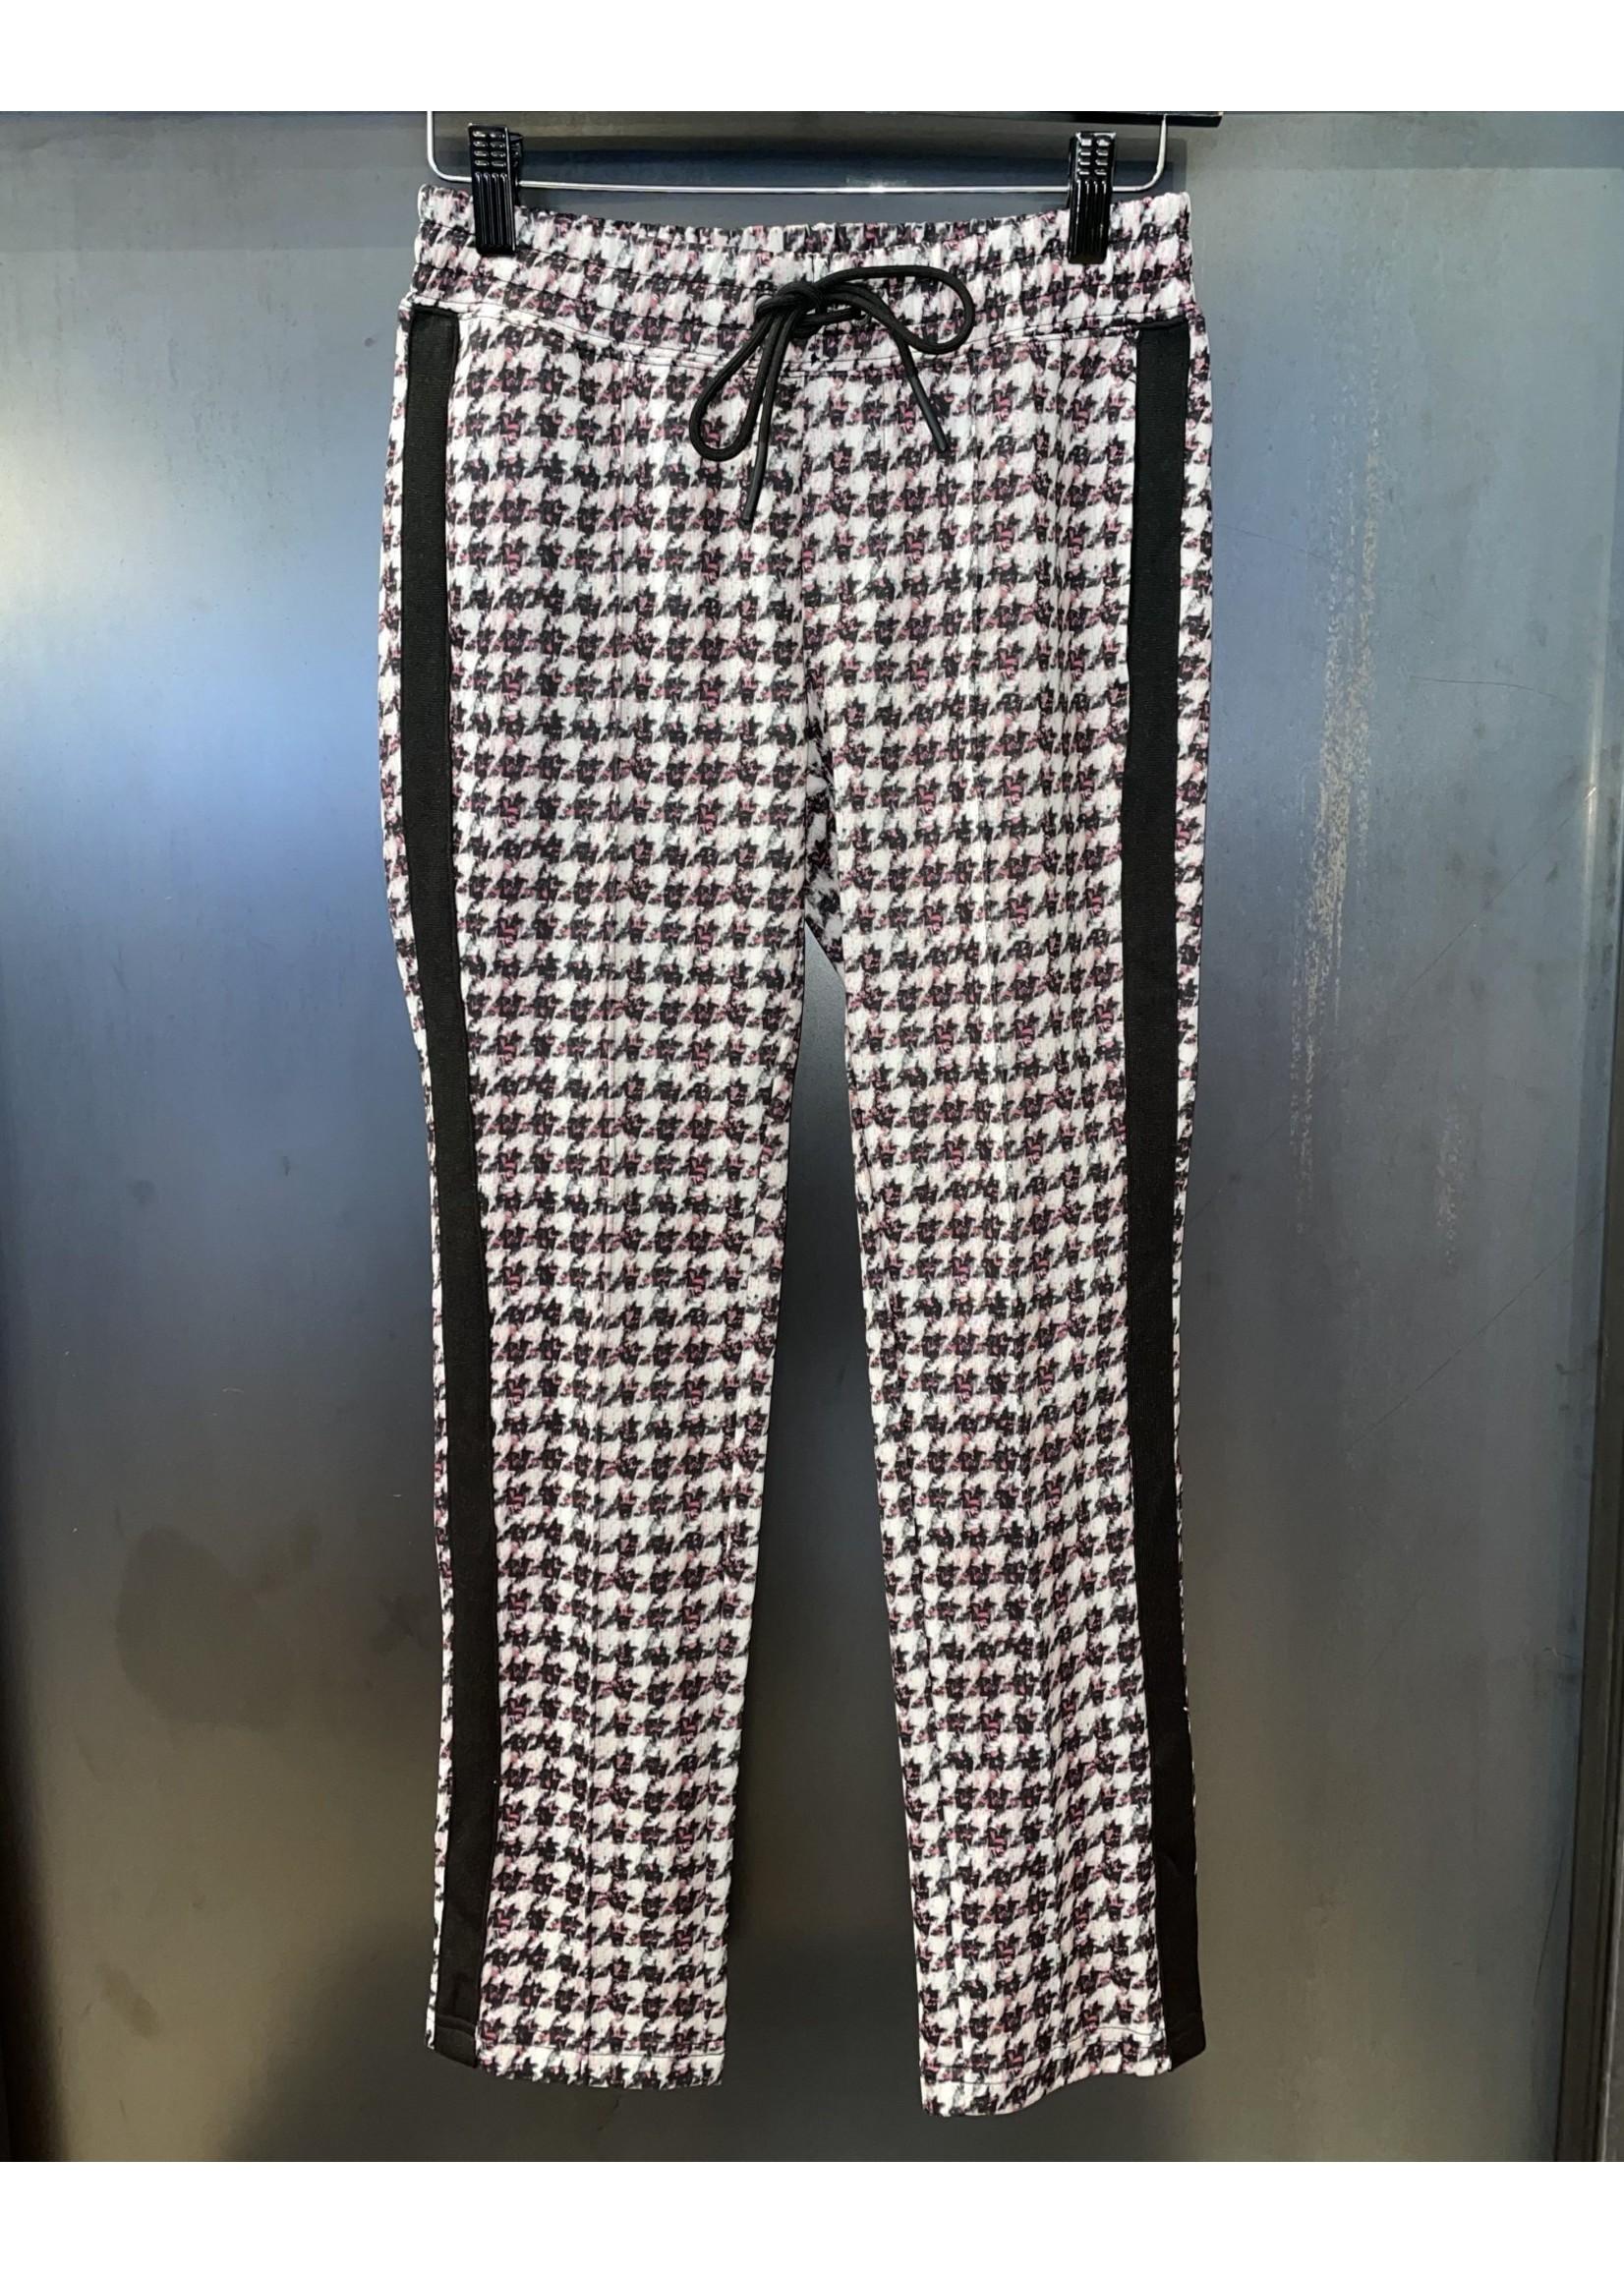 Pam & Gela Pam & Gela Tweed Crop Track Pant